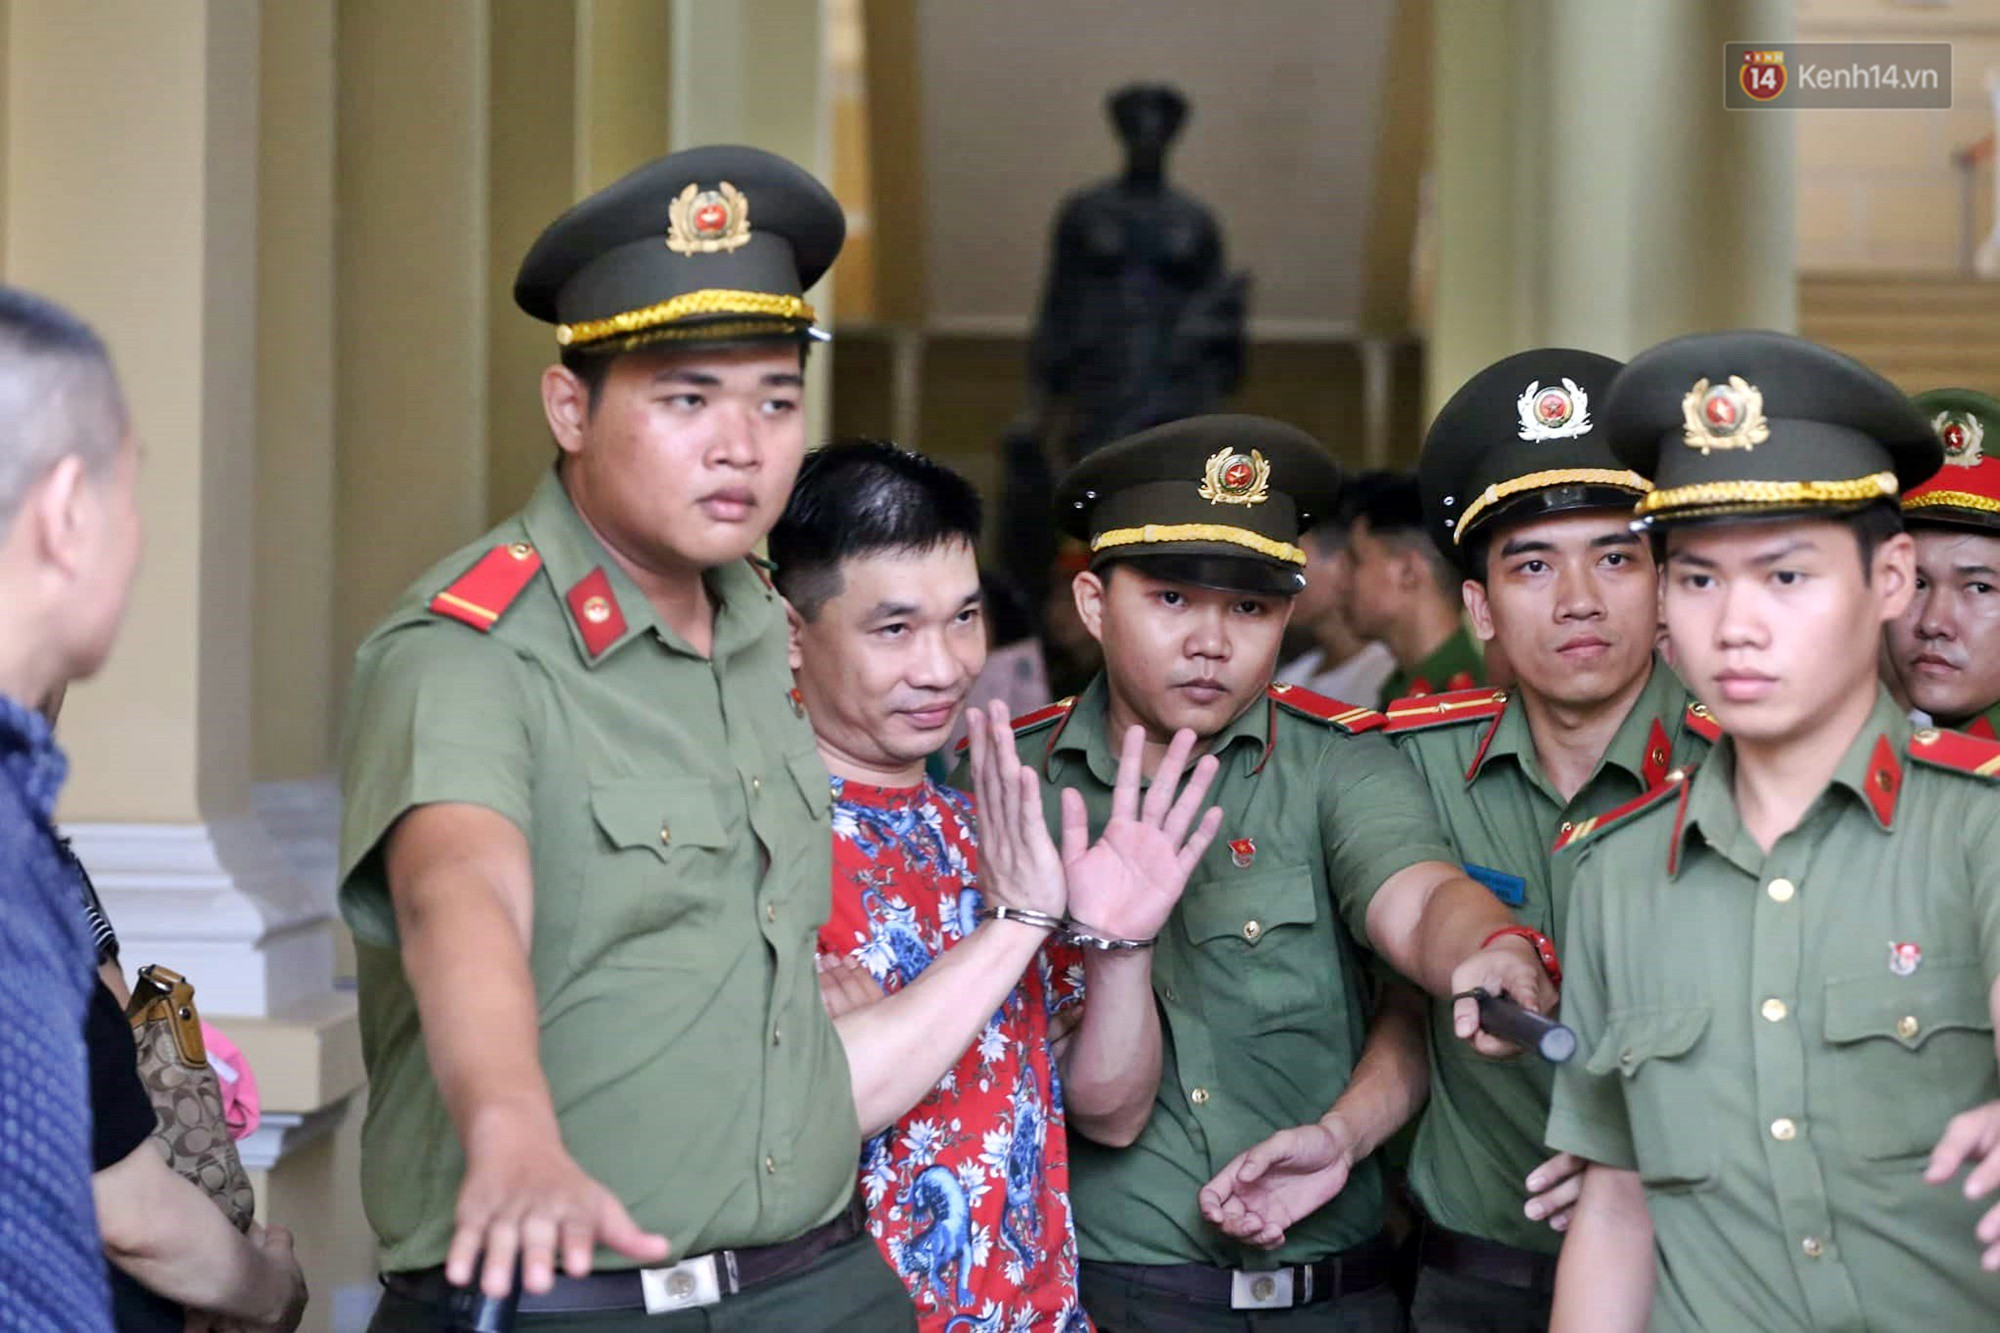 Trùm ma túy Văn Kính Dương giơ tay chào người thân, hot girl Ngọc Miu khóc khi bị áp giải ra xe sau phiên xét xử ngày thứ 2-1